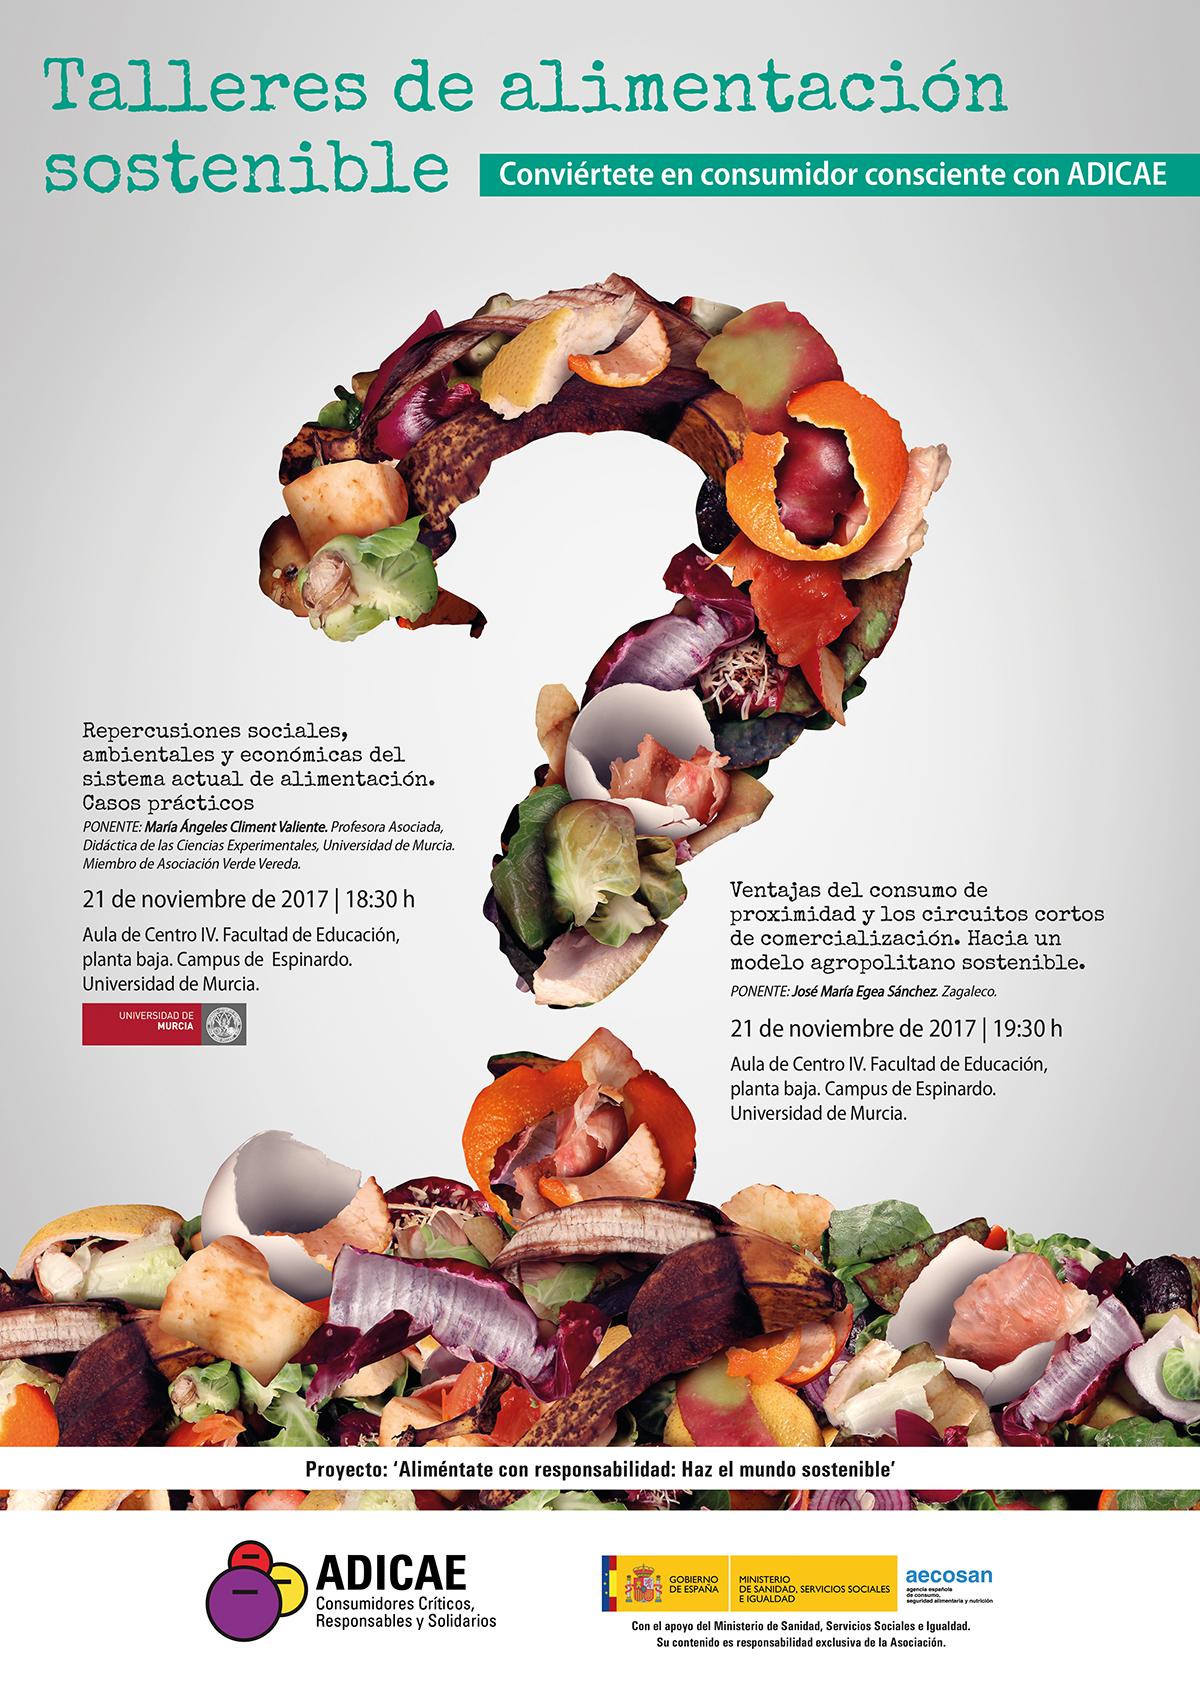 Talleres paralelos sobre Alimentación Sostenible, con Adicae